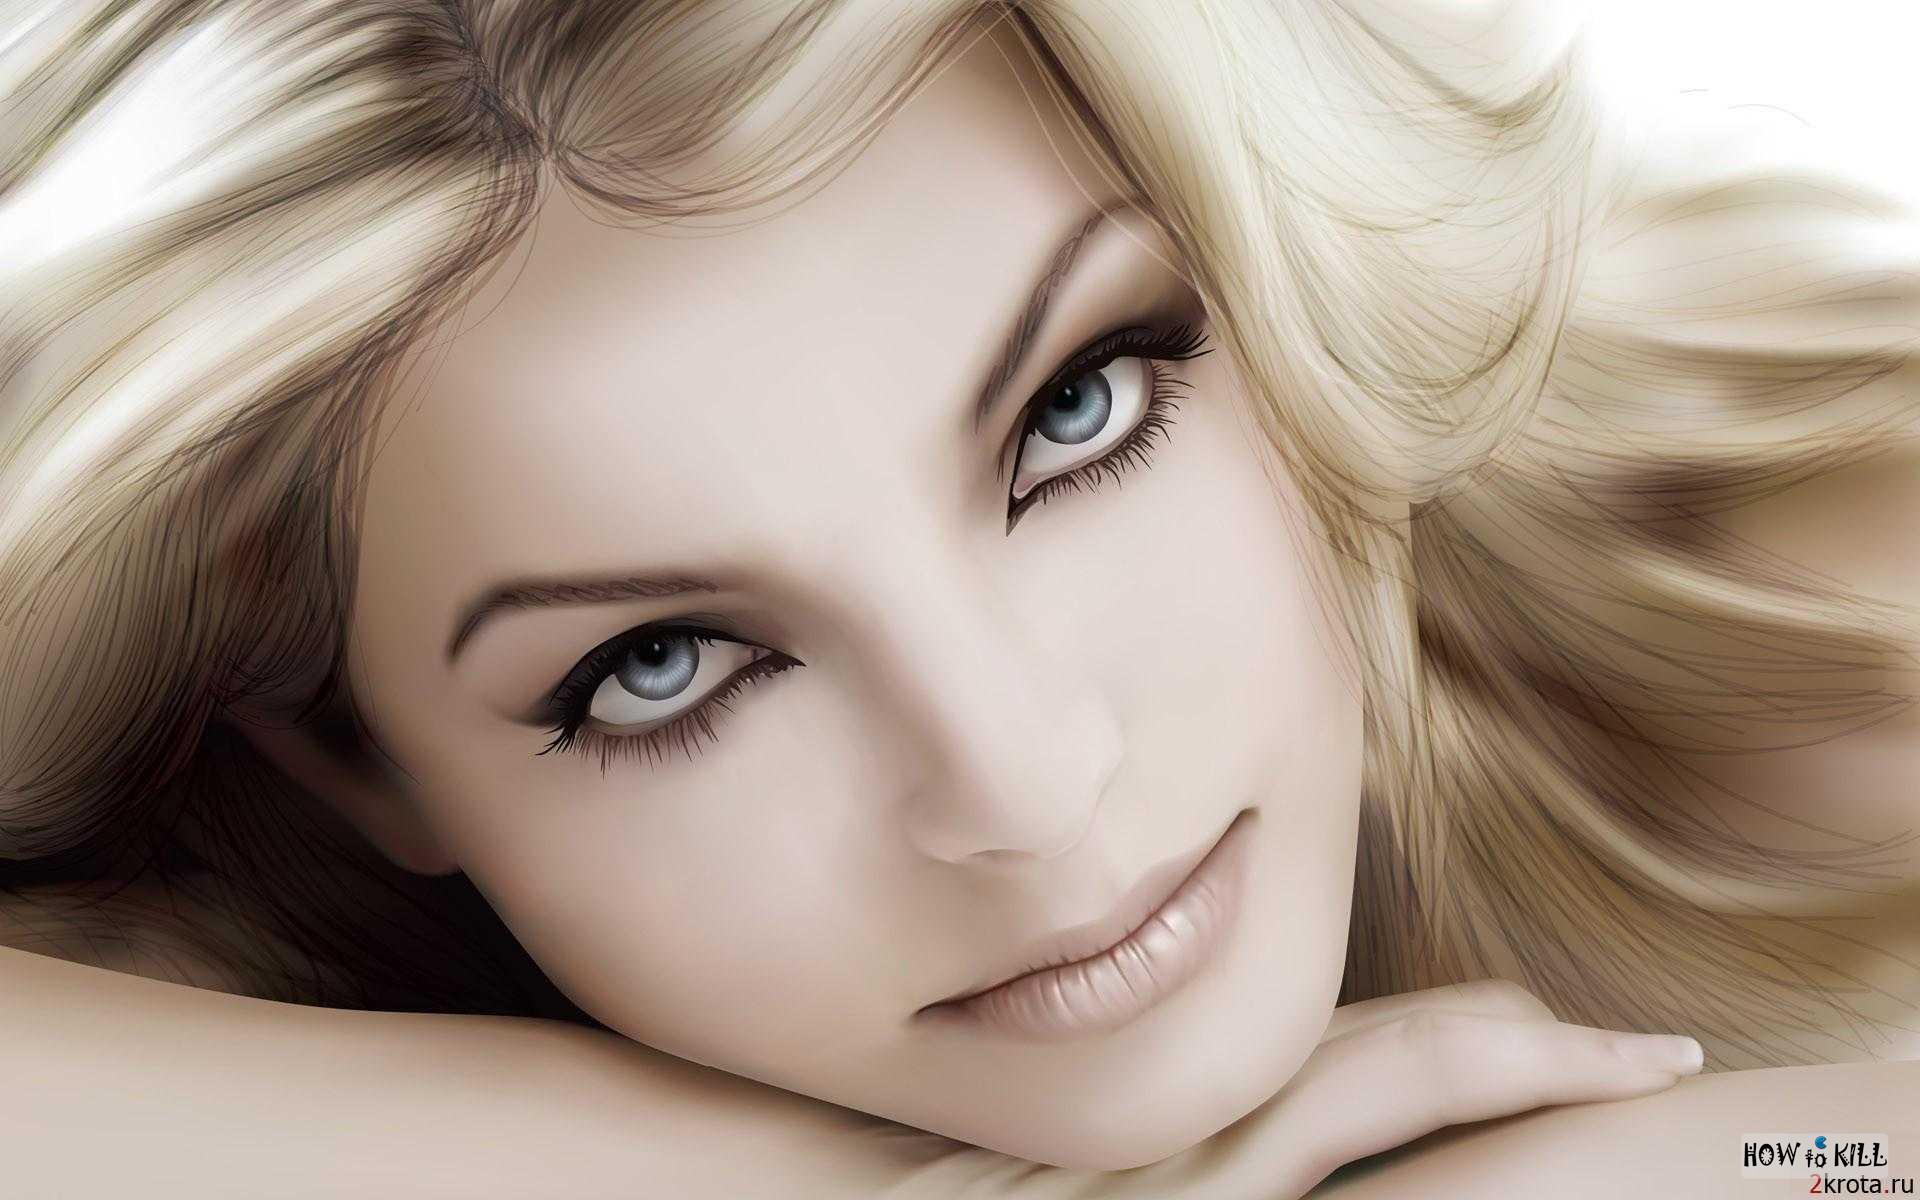 Фото красивых глаз женщин - 4